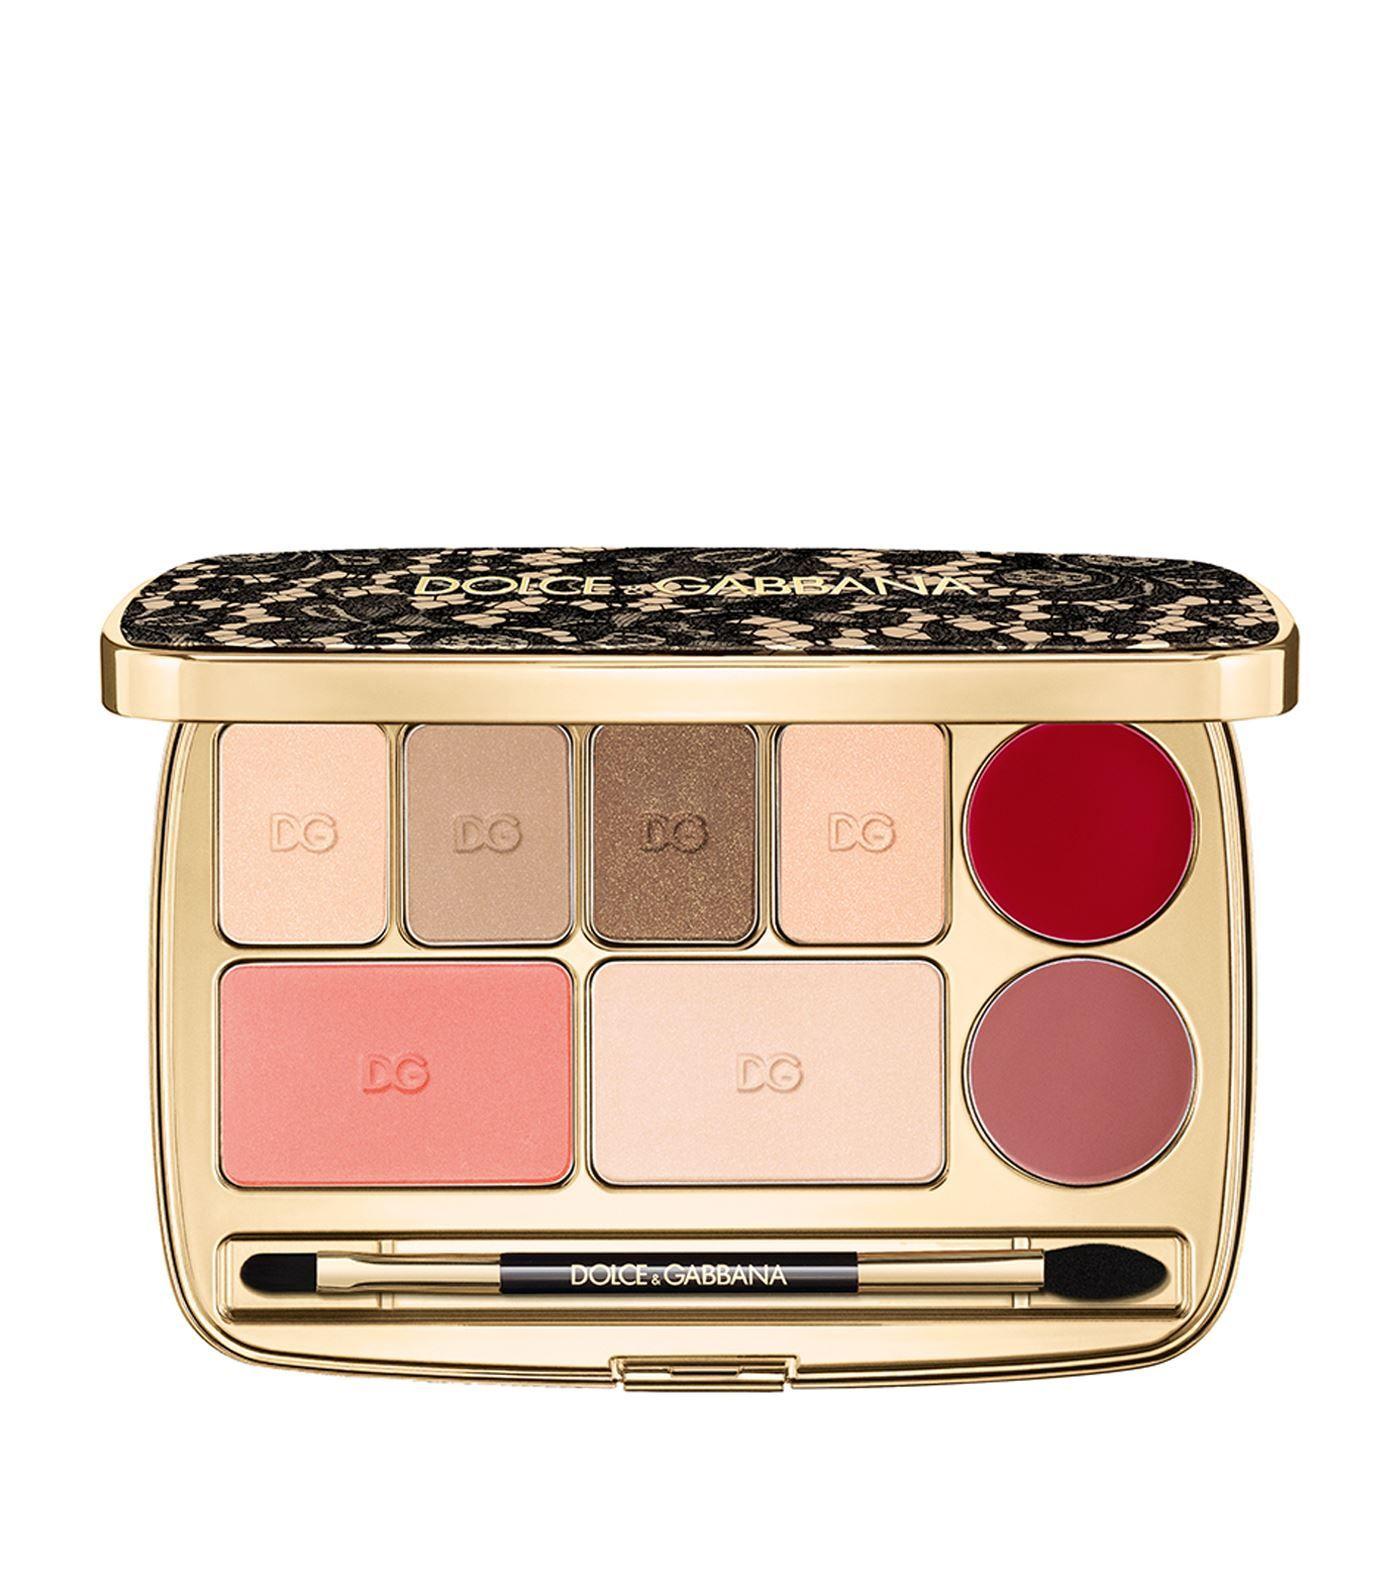 Dolce & Gabbana Makeup Sicilian Lace MakeUp Palette